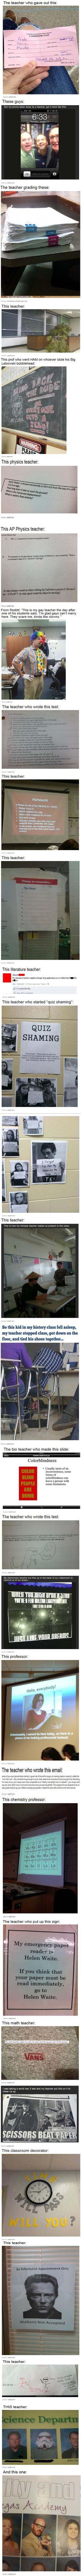 Teachers Who Got the Last Laugh.